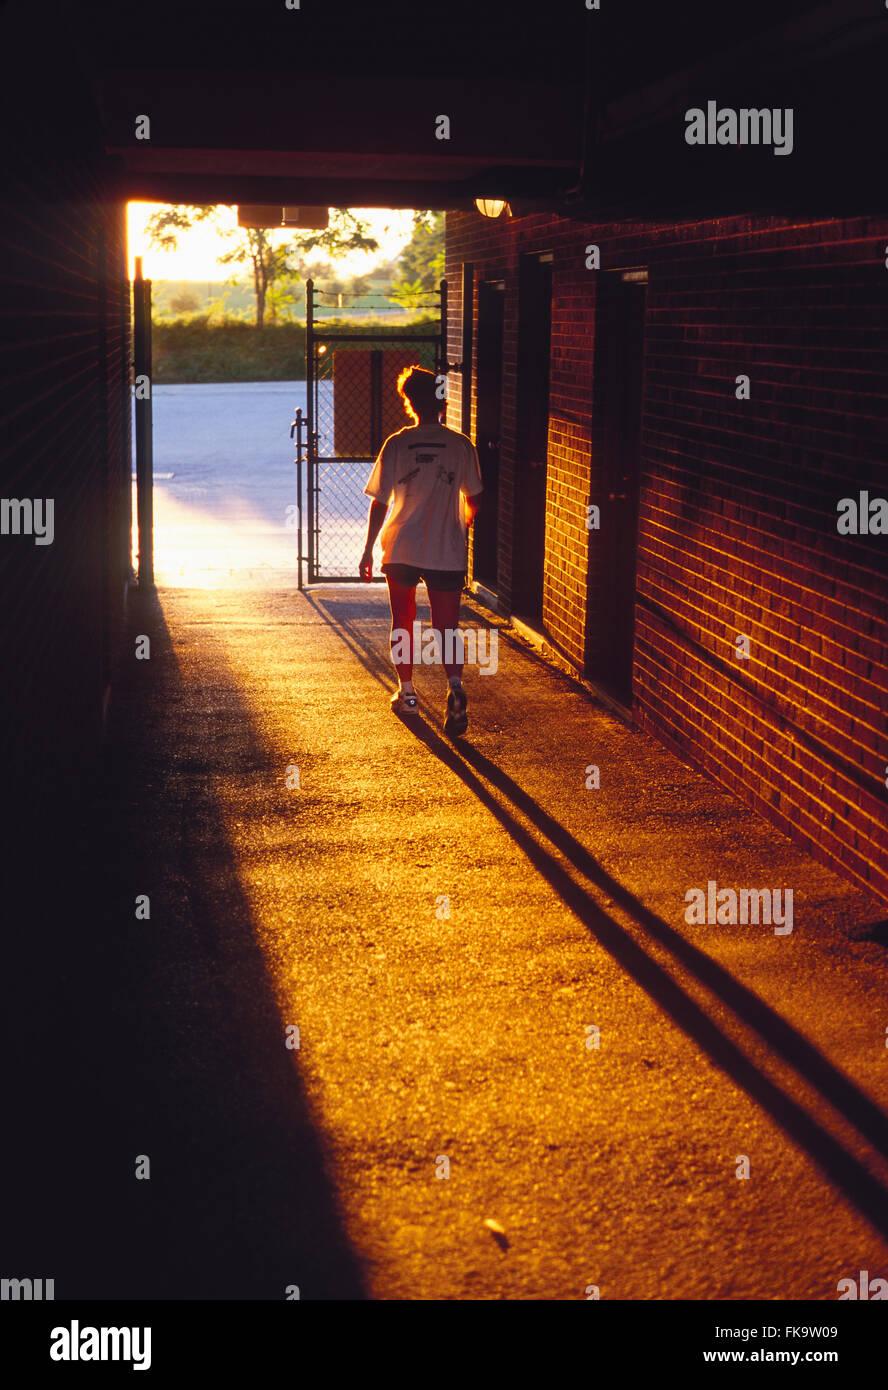 Sonnenuntergang beleuchtet weibliche Läufer verlassen Stadion Spur durch tunnel Stockbild